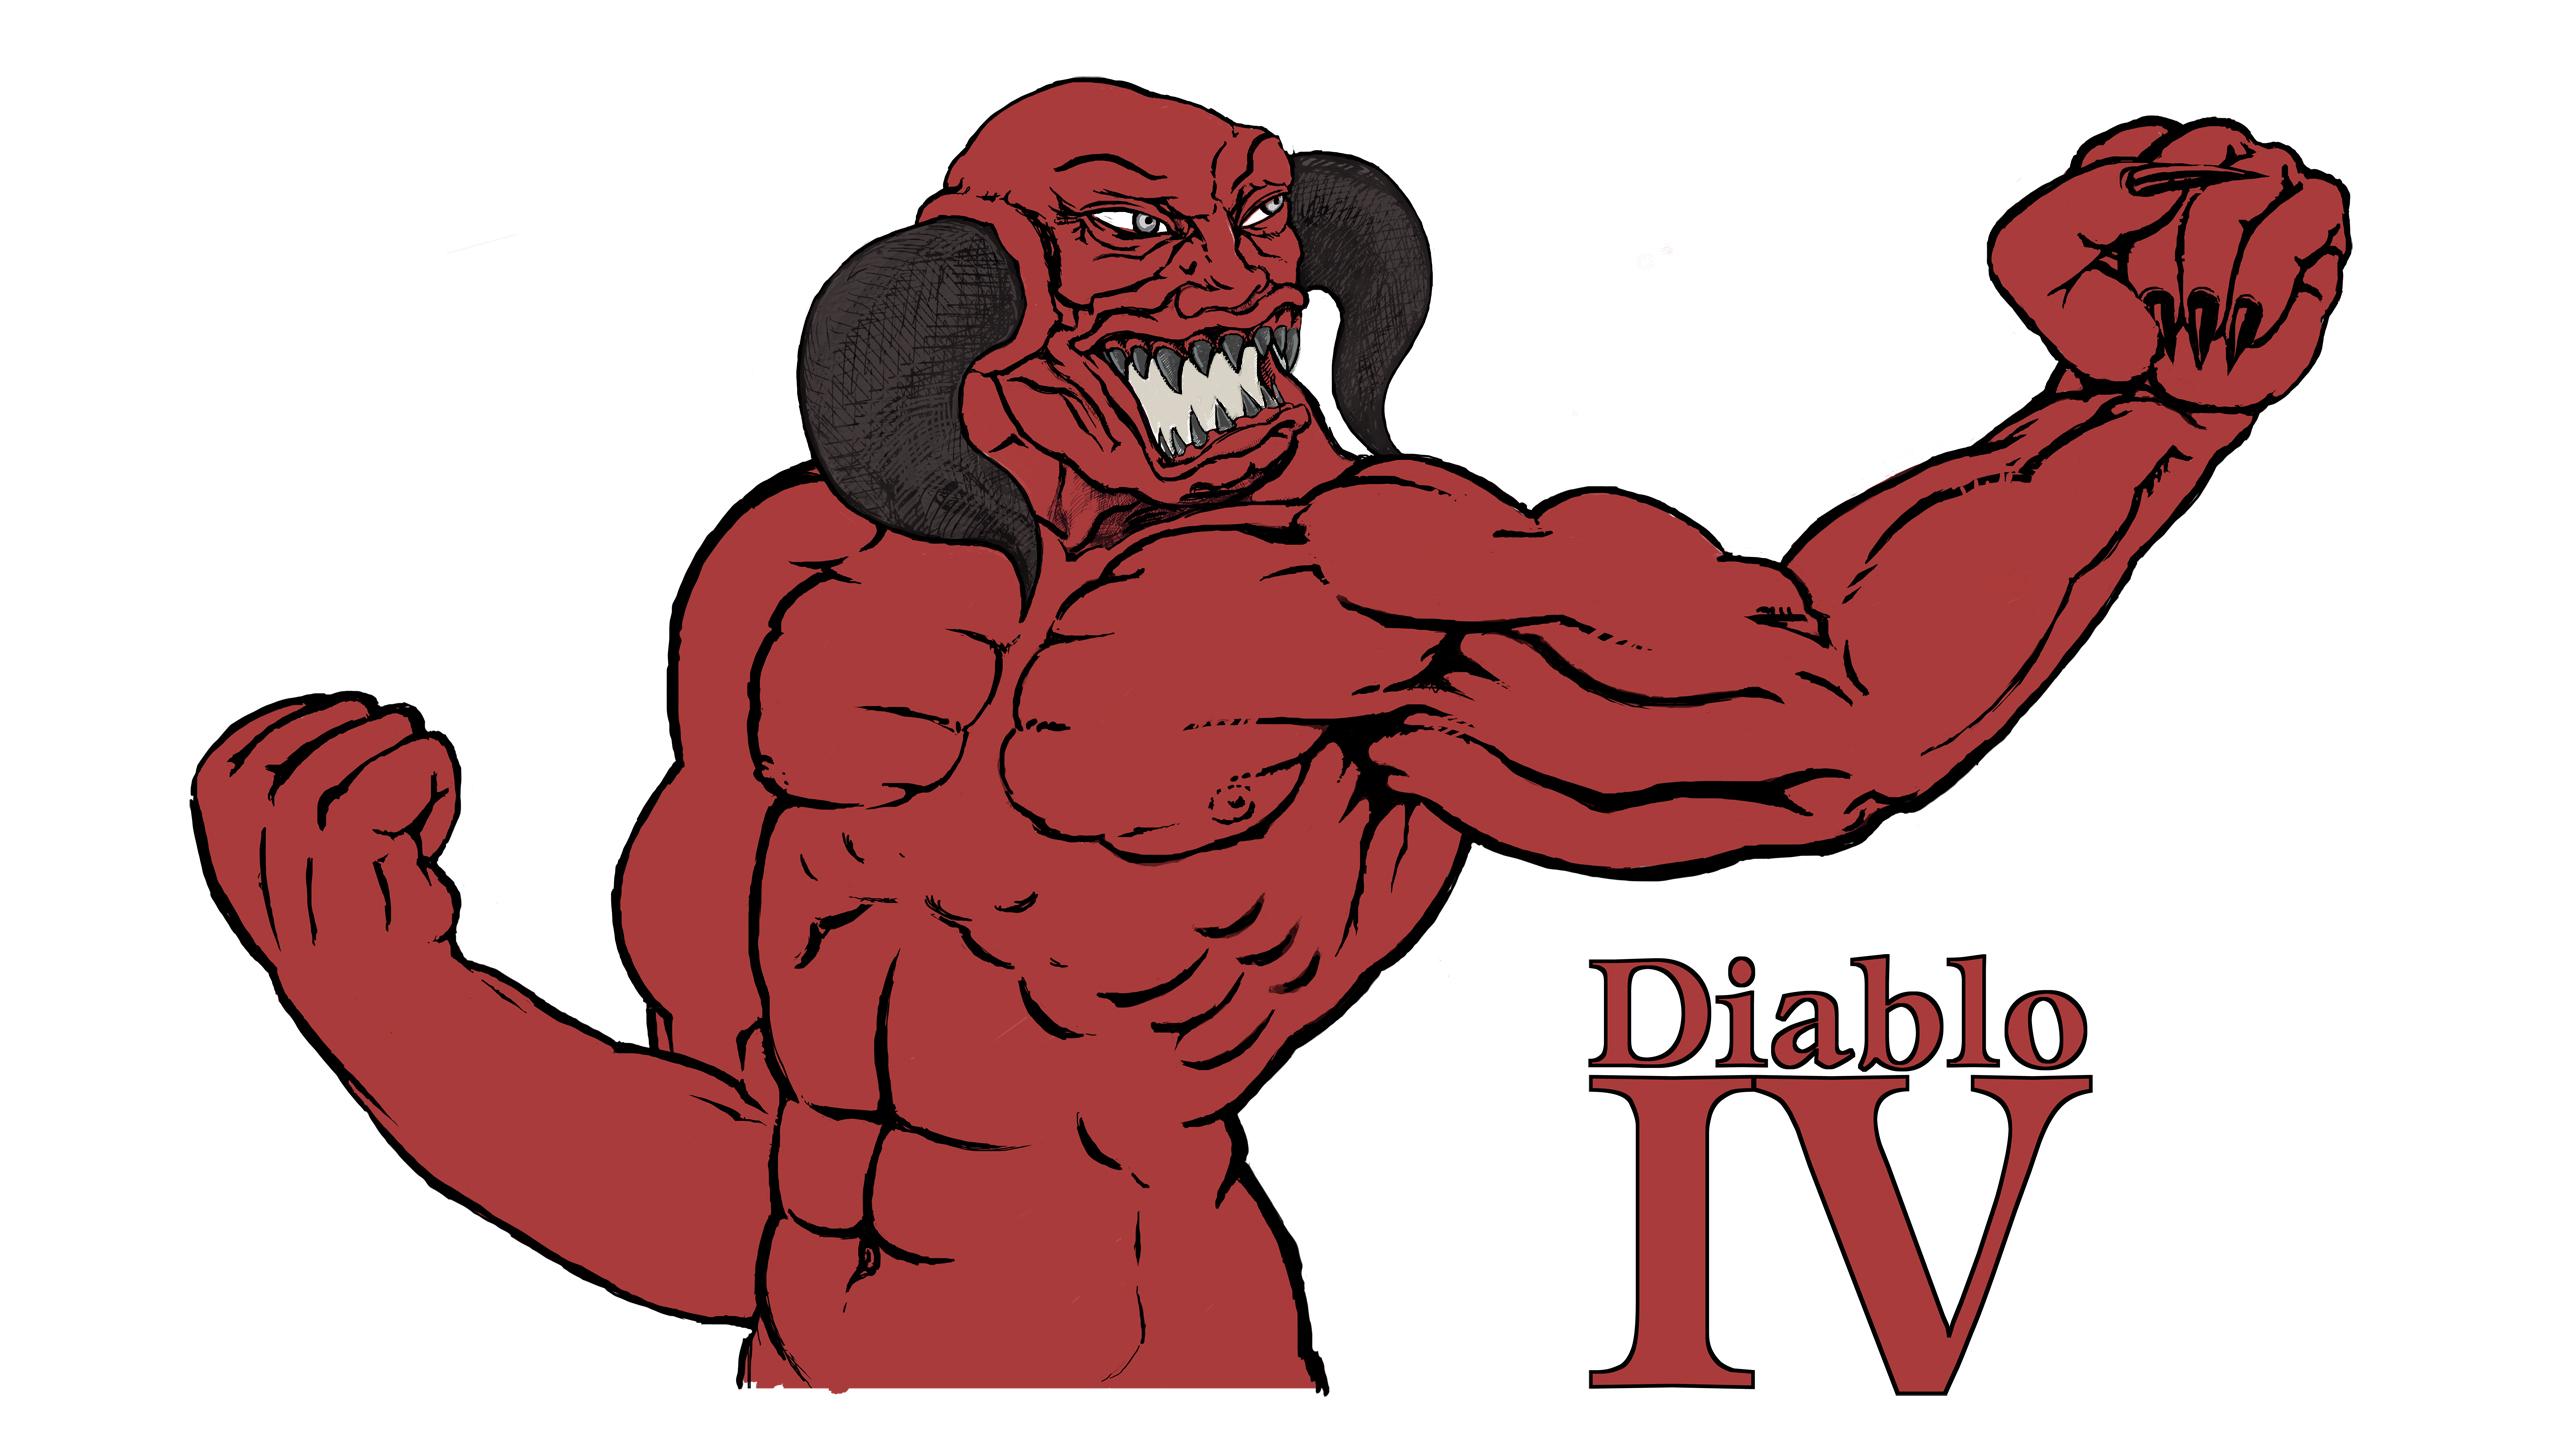 Diablo4_3_rot.jpg